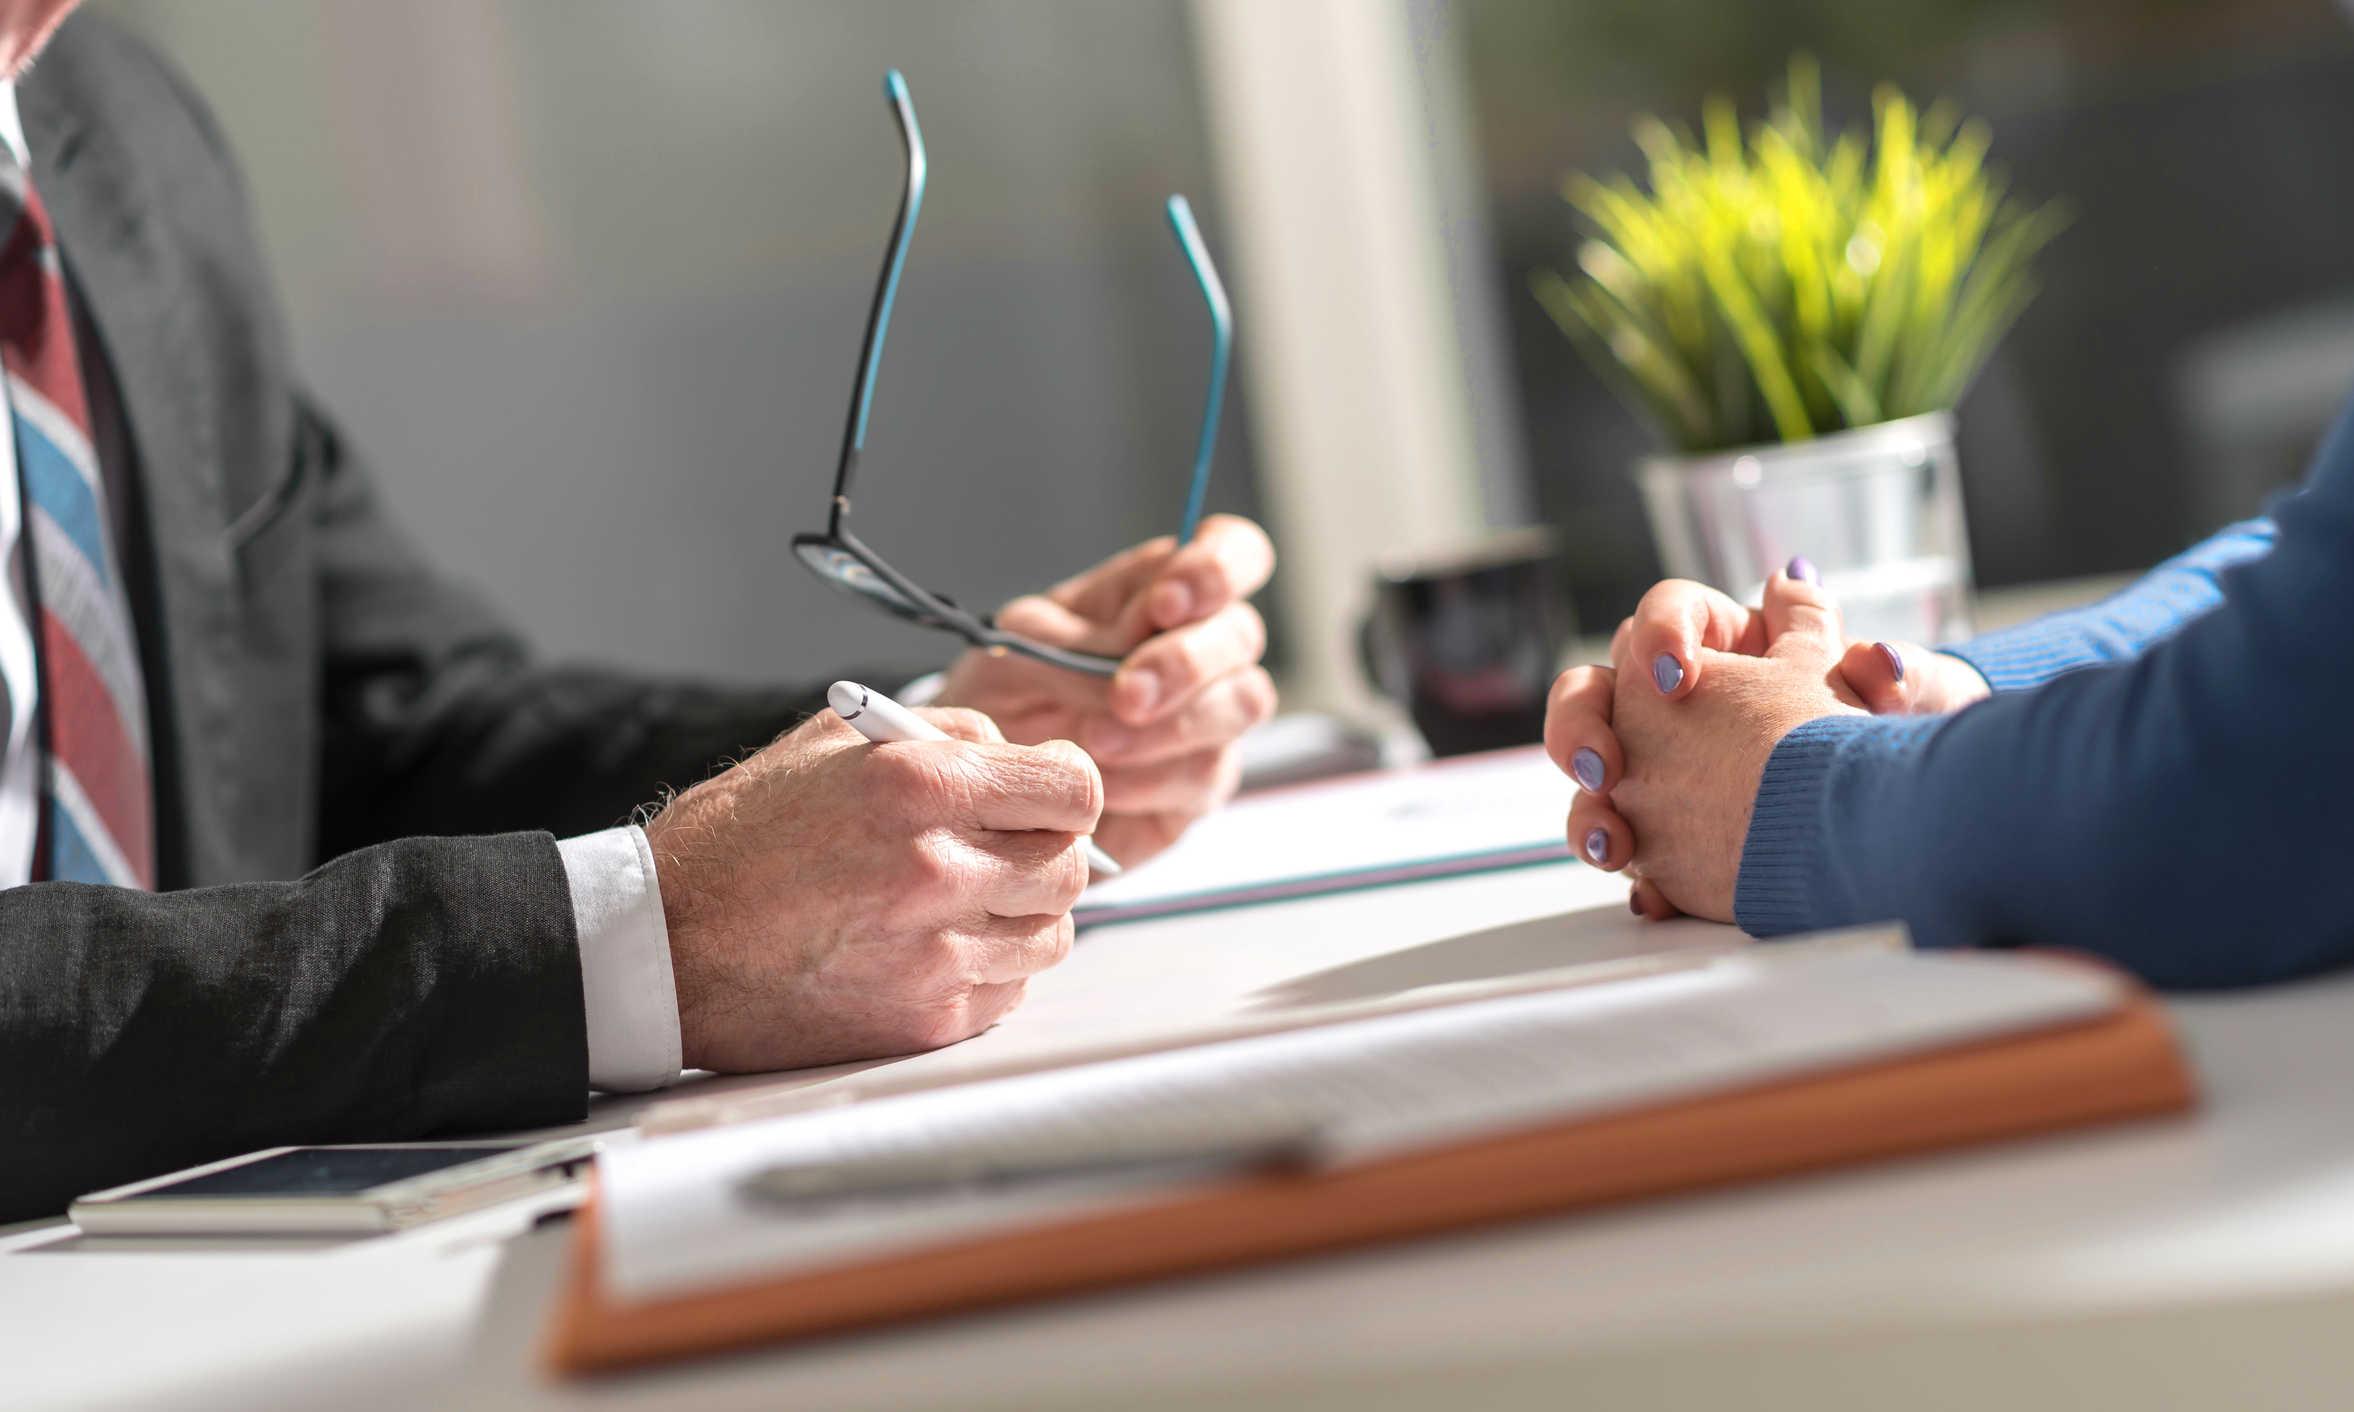 Hände von zwei verhandelnden Personen am Schreibtisch - bildlich für Testamentsvollstrecker